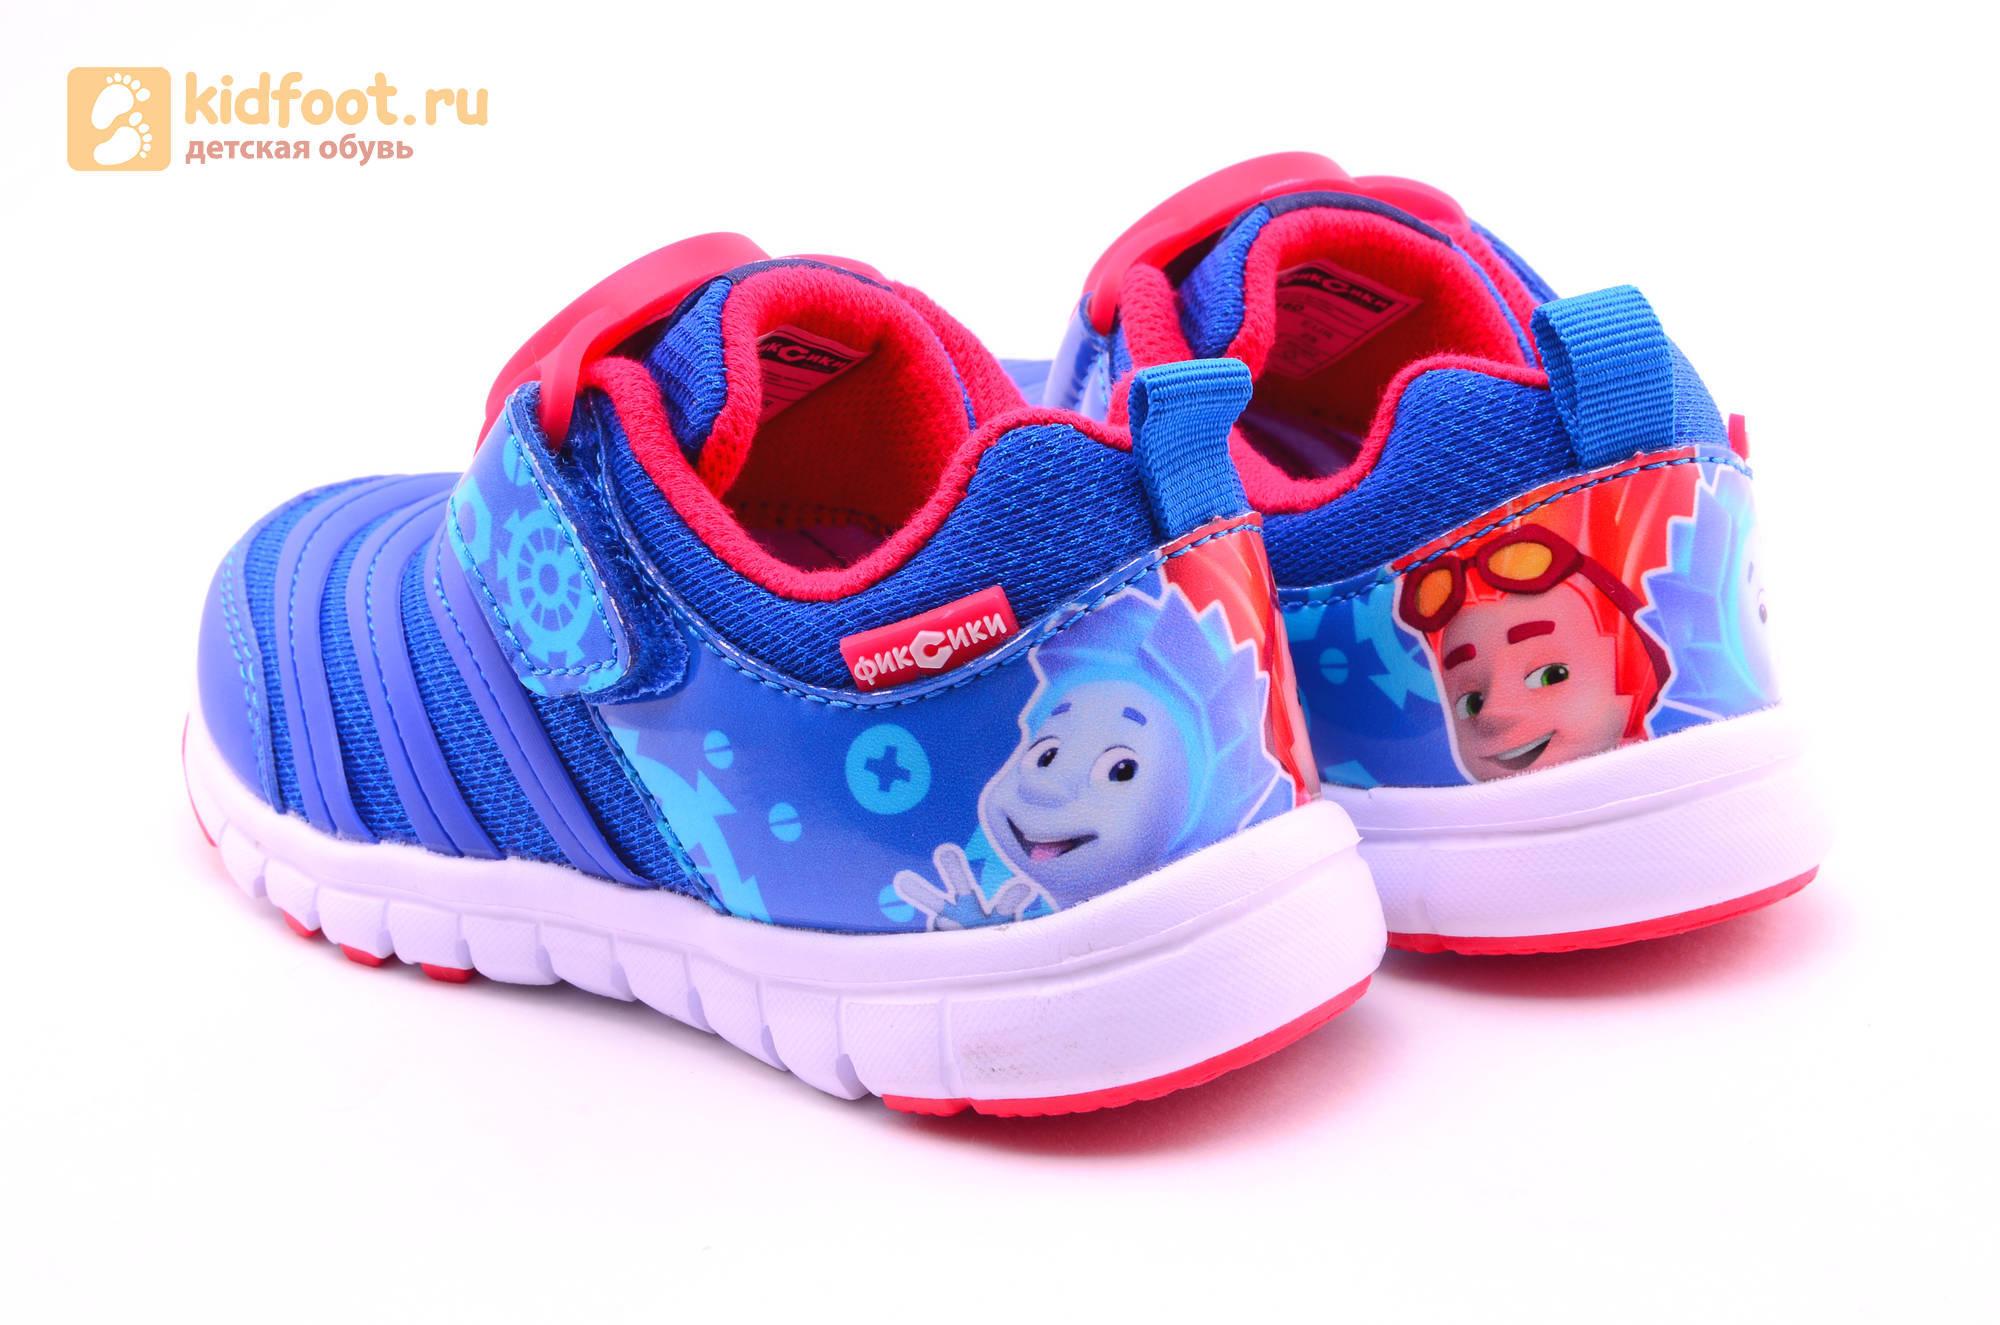 Светящиеся кроссовки для мальчиков Фиксики на липучках, цвет Синий, мигает пряжка на липучке, 5916D